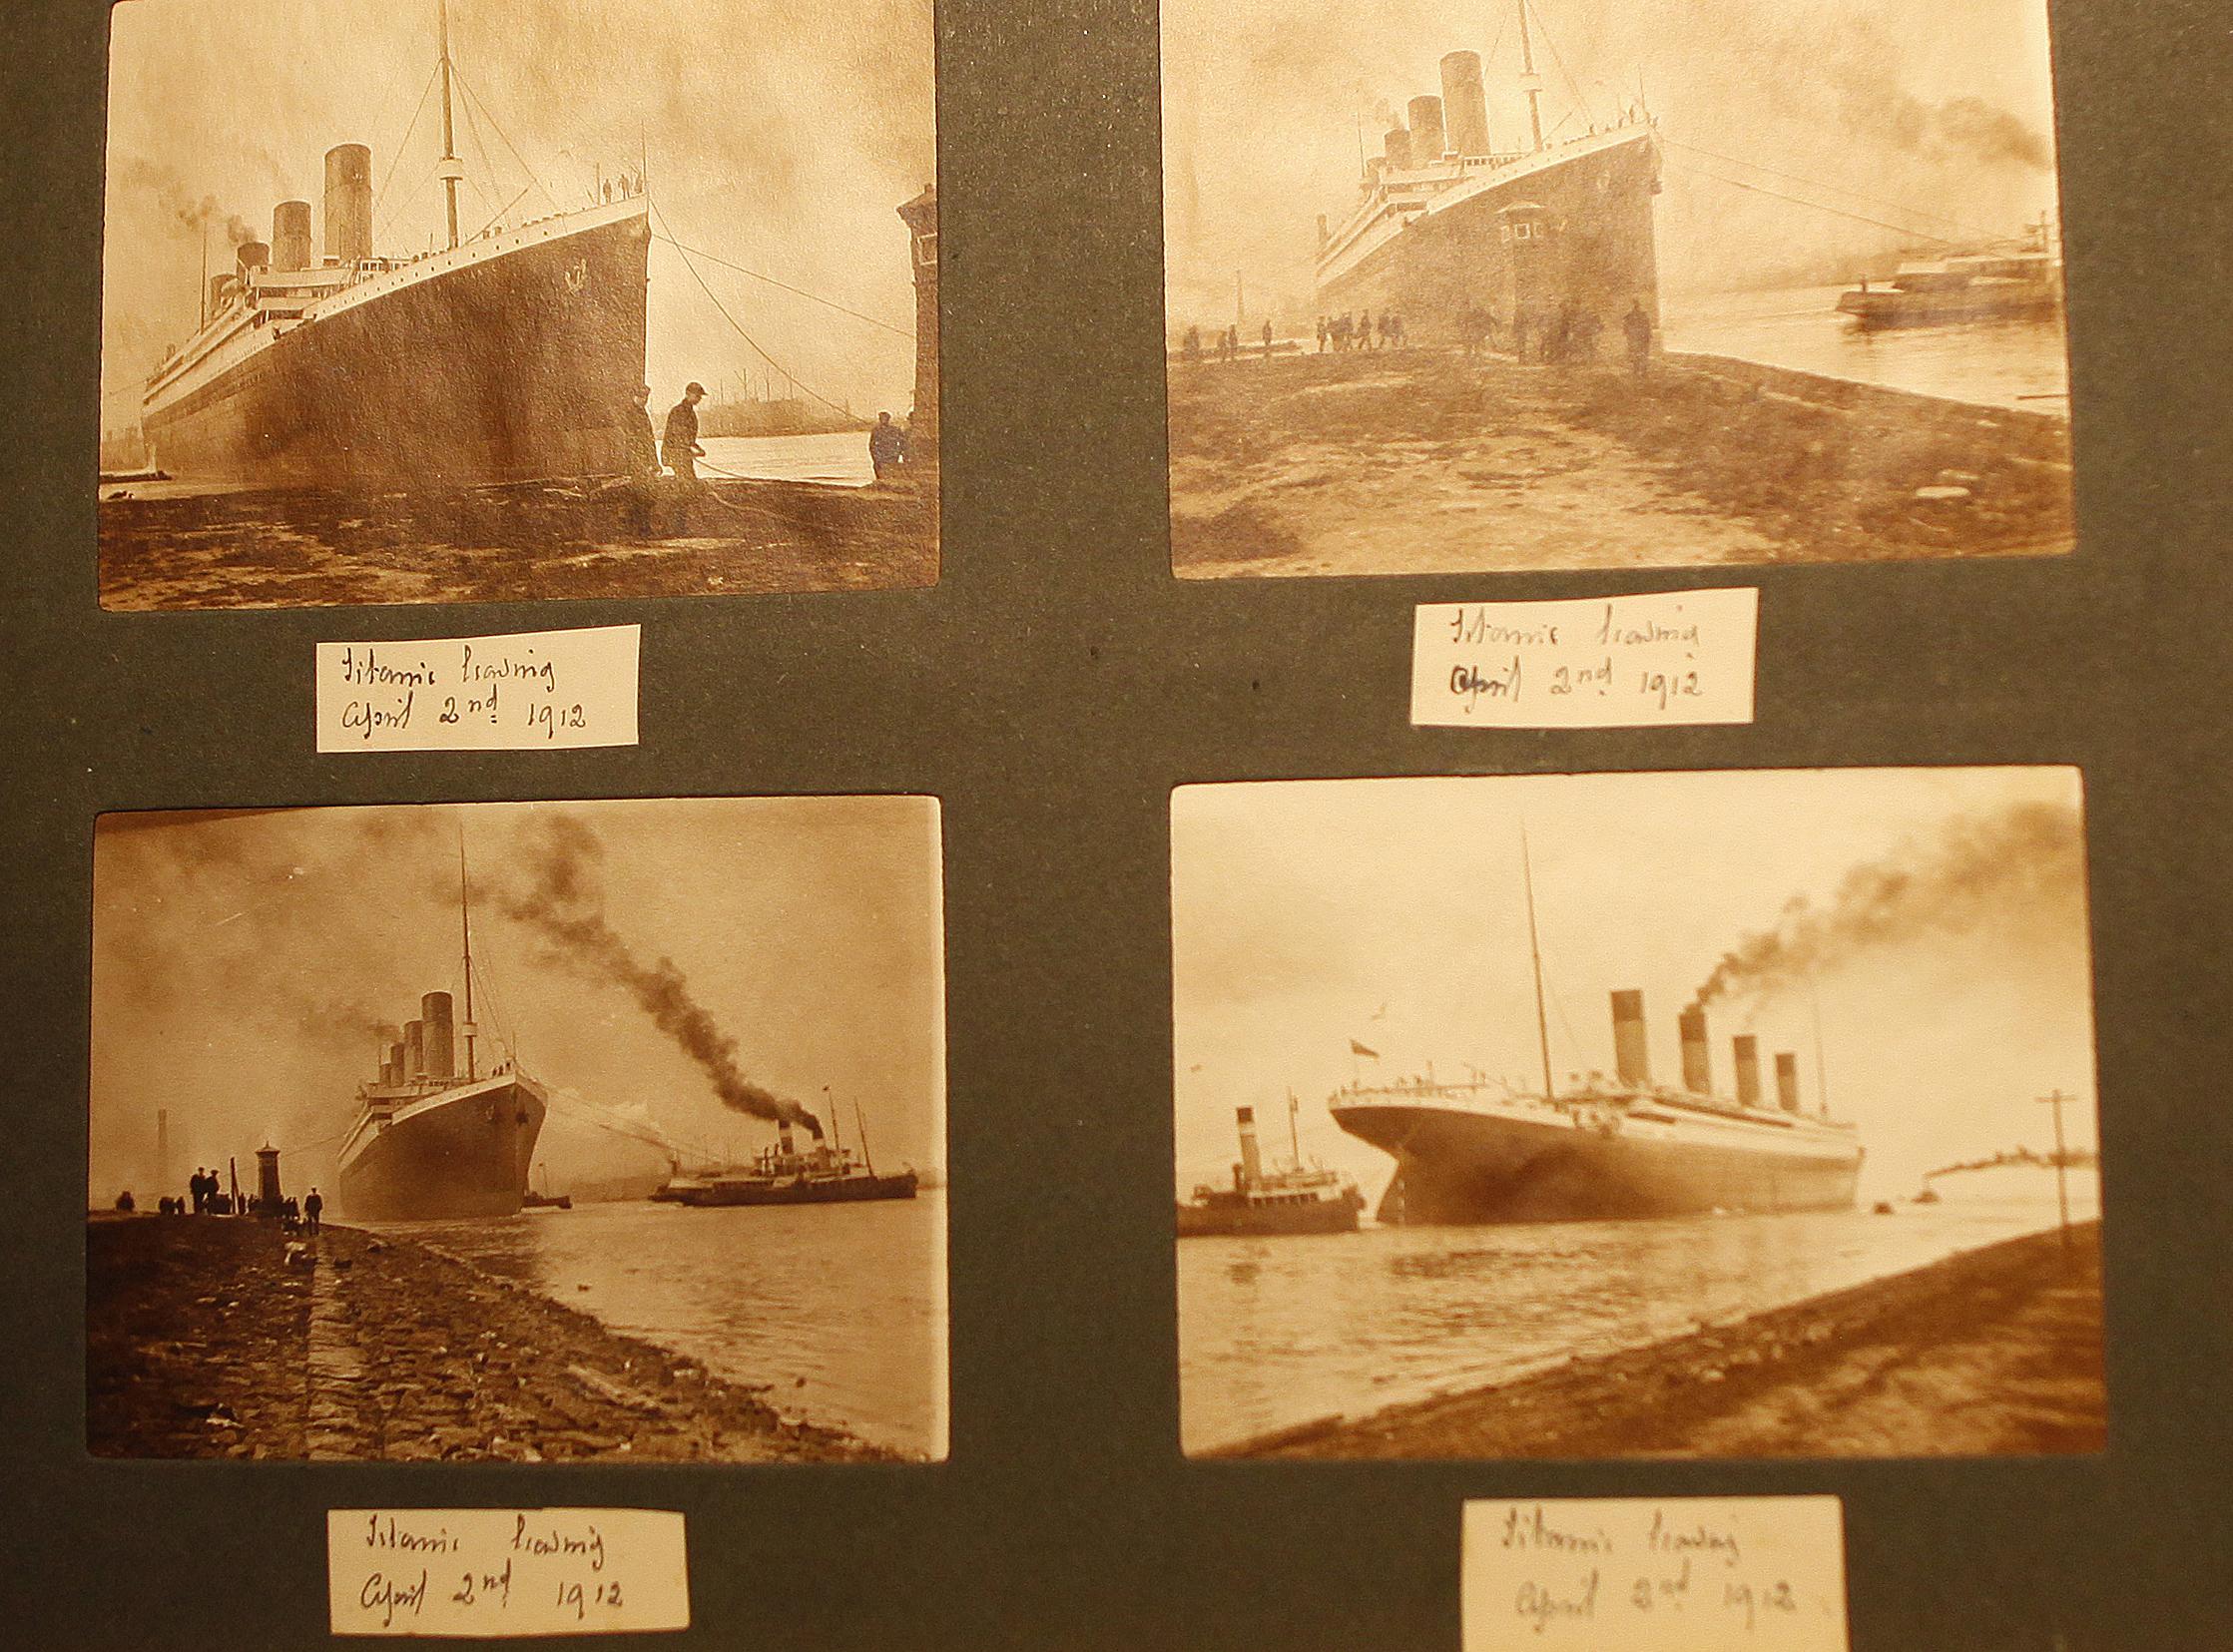 一本被塵封了一個多世紀的相簿,裡面收集著記錄這艘船的建造和第一次航行籌備期間的116張照片。(美聯社)